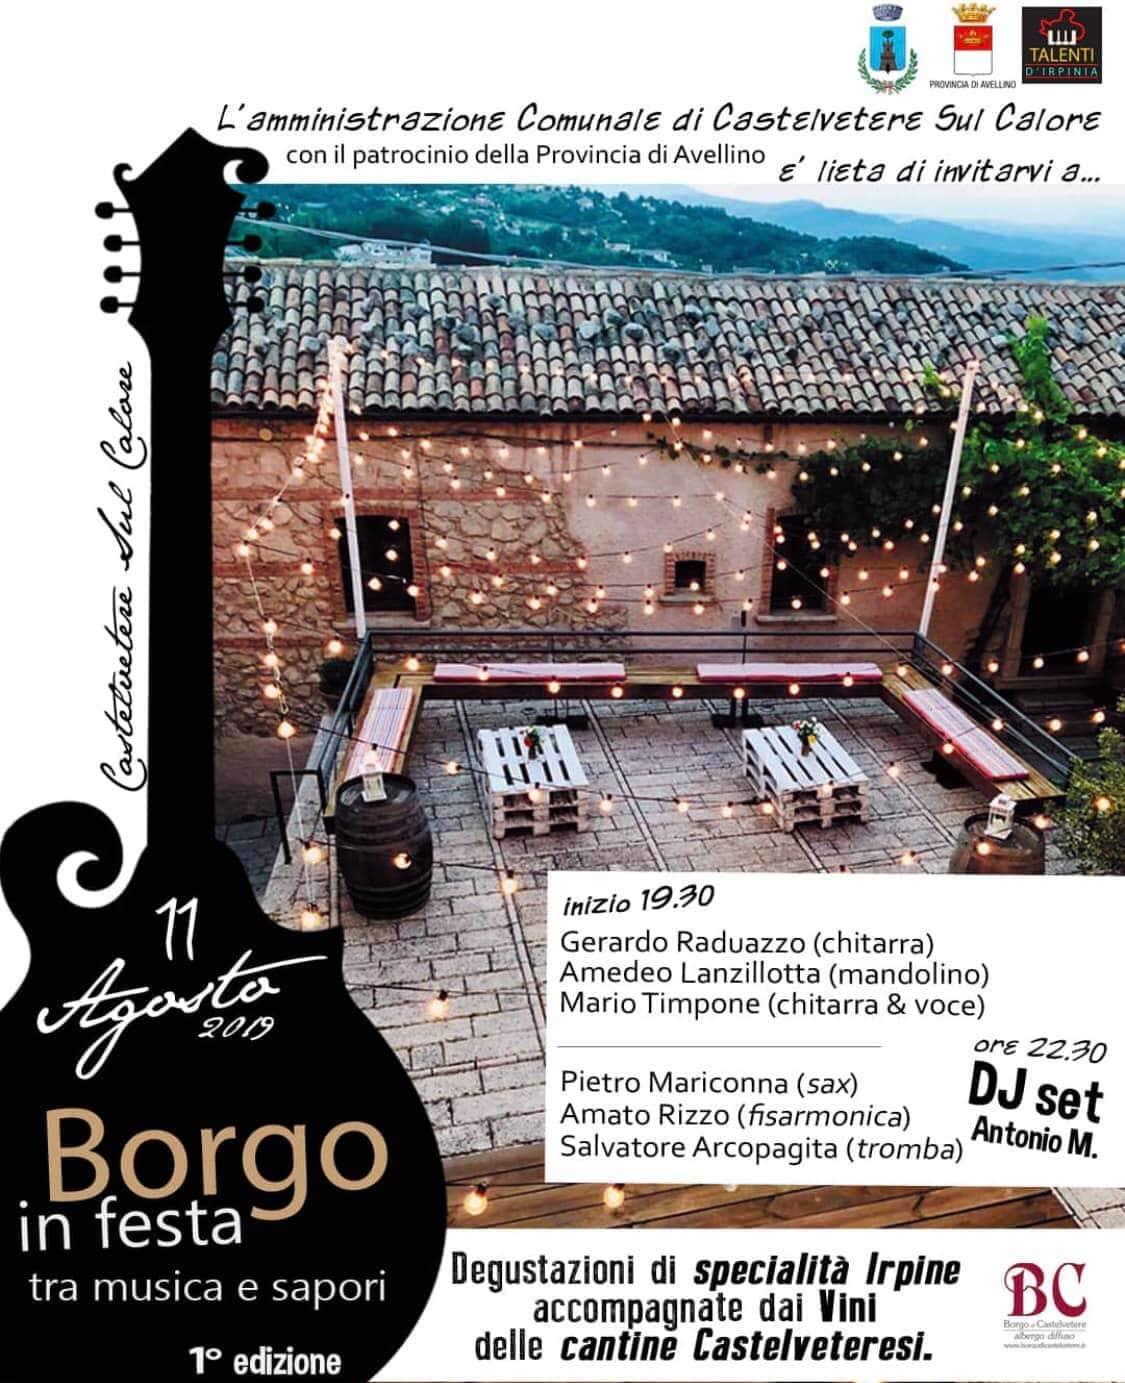 Borgo G_1565432280149-2